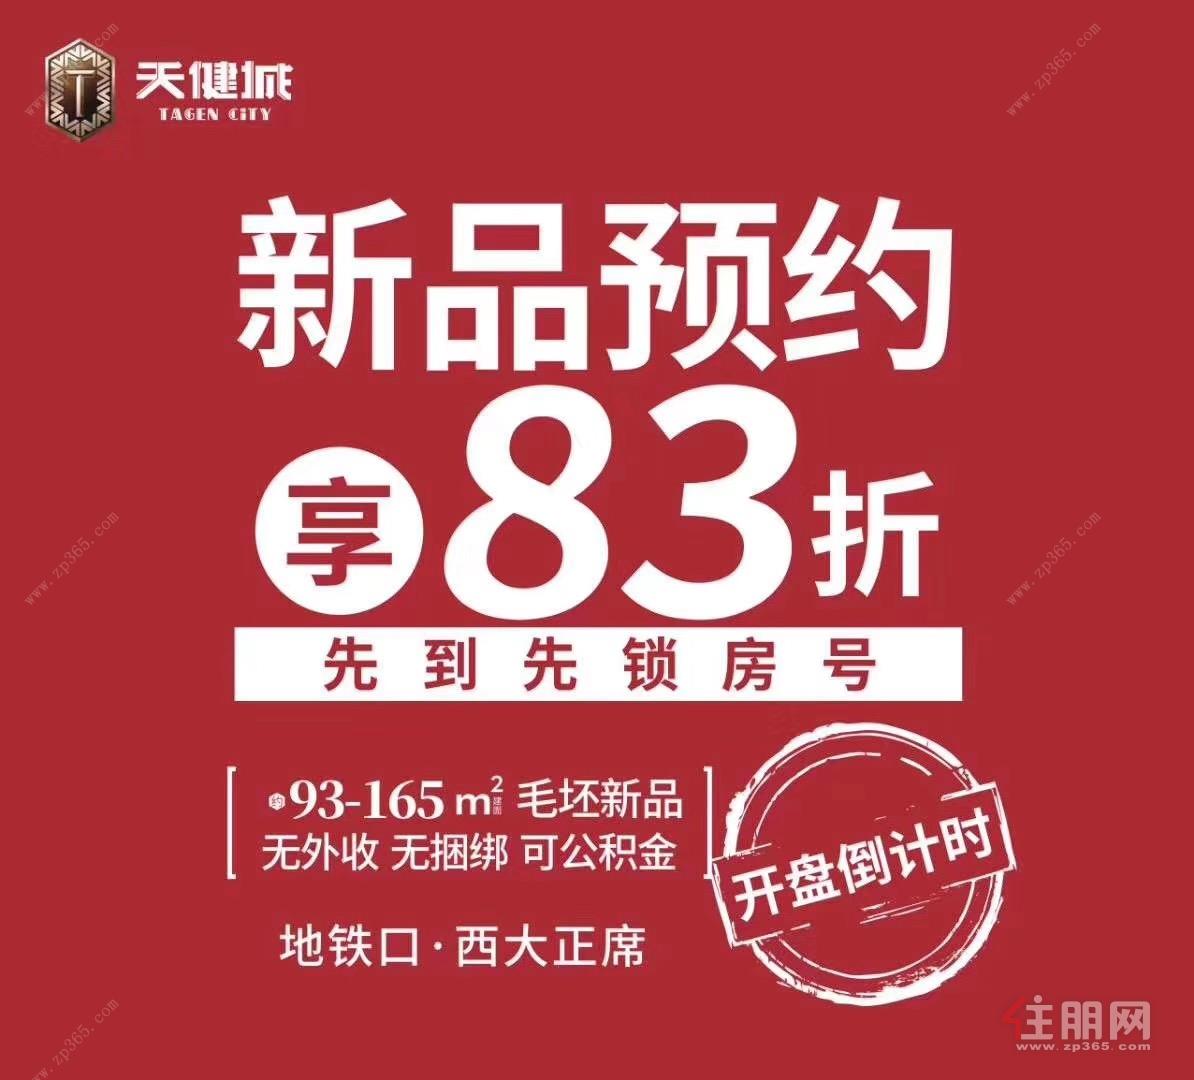 2020年4月30日西乡塘看房团:天健城